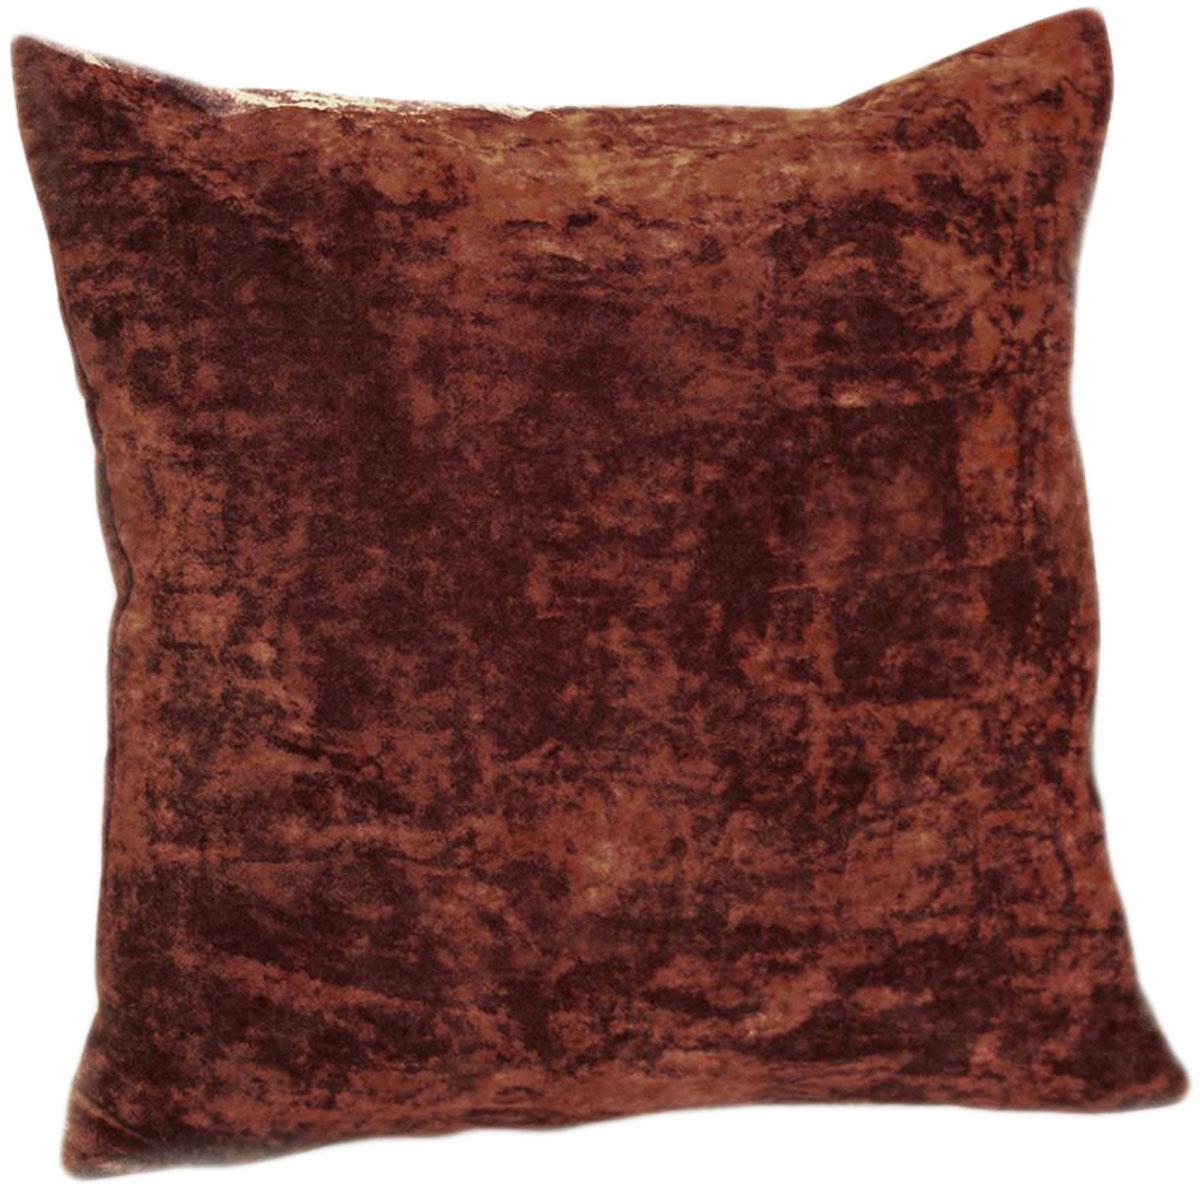 Подушка декоративная KauffOrt Бархат, цвет: бордово-коричневый, 40 x 40 см3121039635Декоративная подушка Бархат прекрасно дополнит интерьер спальни или гостиной. Бархатистый на ощупь чехол подушки выполнен из 49% вискозы, 42% хлопка и 9% полиэстера. Внутри находится мягкий наполнитель. Чехол легко снимается благодаря потайной молнии.